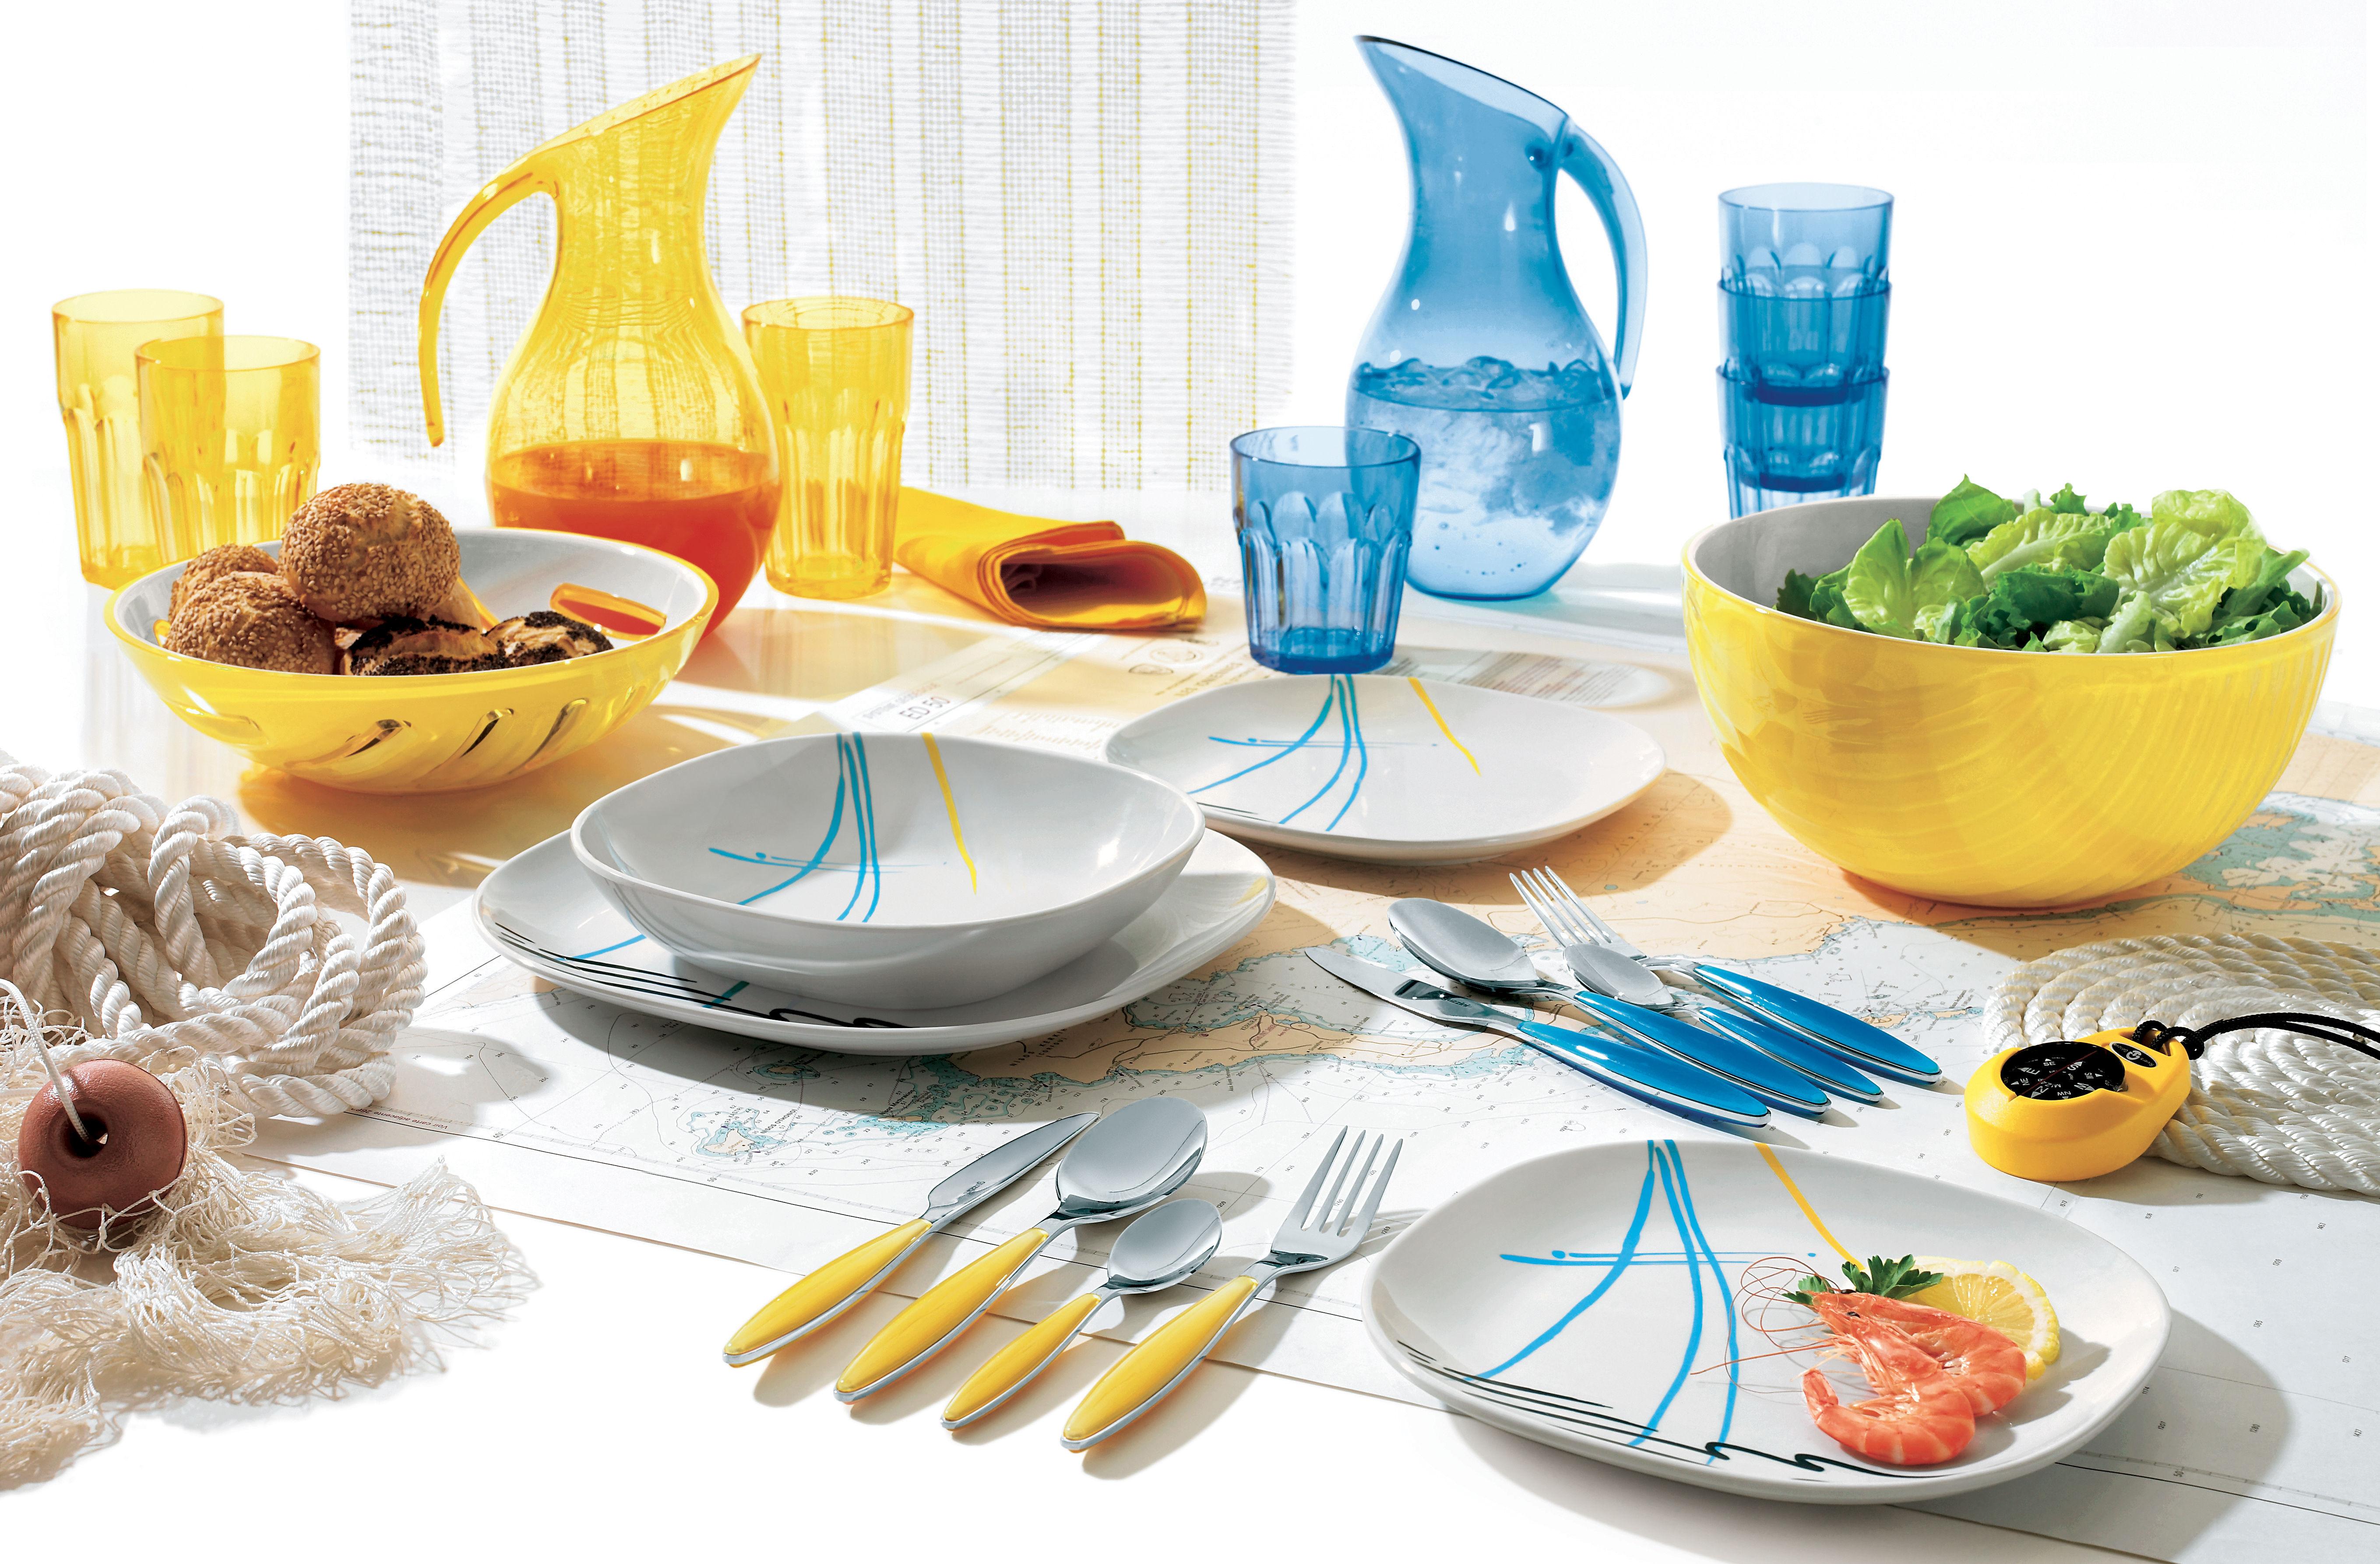 Arredamento moderno lampade design e oggetti design per for Guzzini casa catalogo